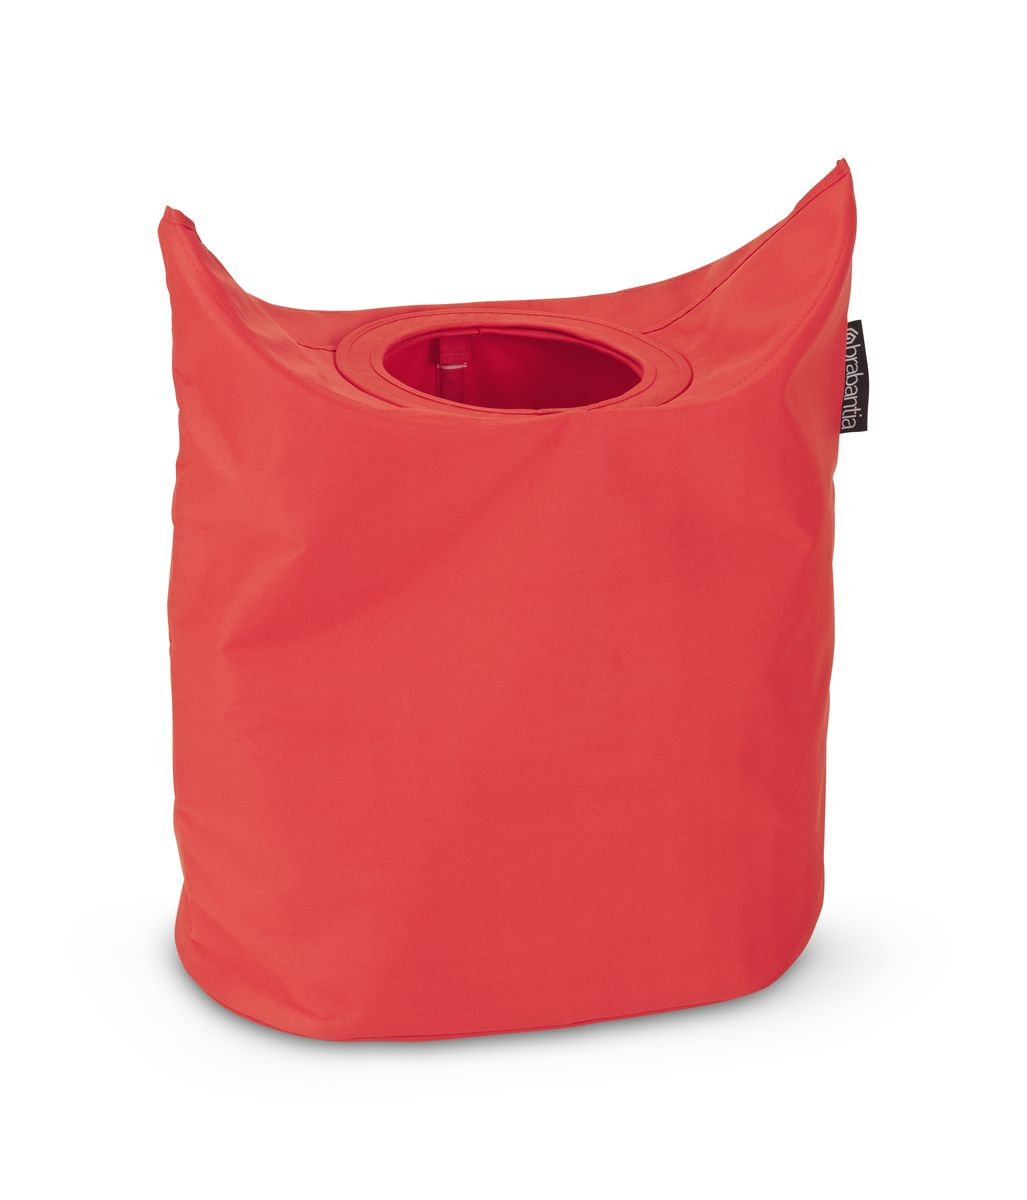 Сумка для белья Brabantia, цвет: красный. 102523PARADIS I 75013-1W ANTIQUEОригинальная сумка для белья экономит место и превращает вашу стирку в увлекательное занятие. С помощью складывающихся магнитных ручек сумка закрывается и превращается в корзину для белья с загрузочным отверстием. Собрались стирать? Поднимите ручки, и ваша сумка готова к использованию. Загрузочное отверстие для быстрой загрузки белья – просто сложите магнитные ручки; Большие удобные ручки для переноски; Удобно загружать белье в стиральную машину – большая вместимость и широкое отверстие; 2 года гарантии Brabantia.